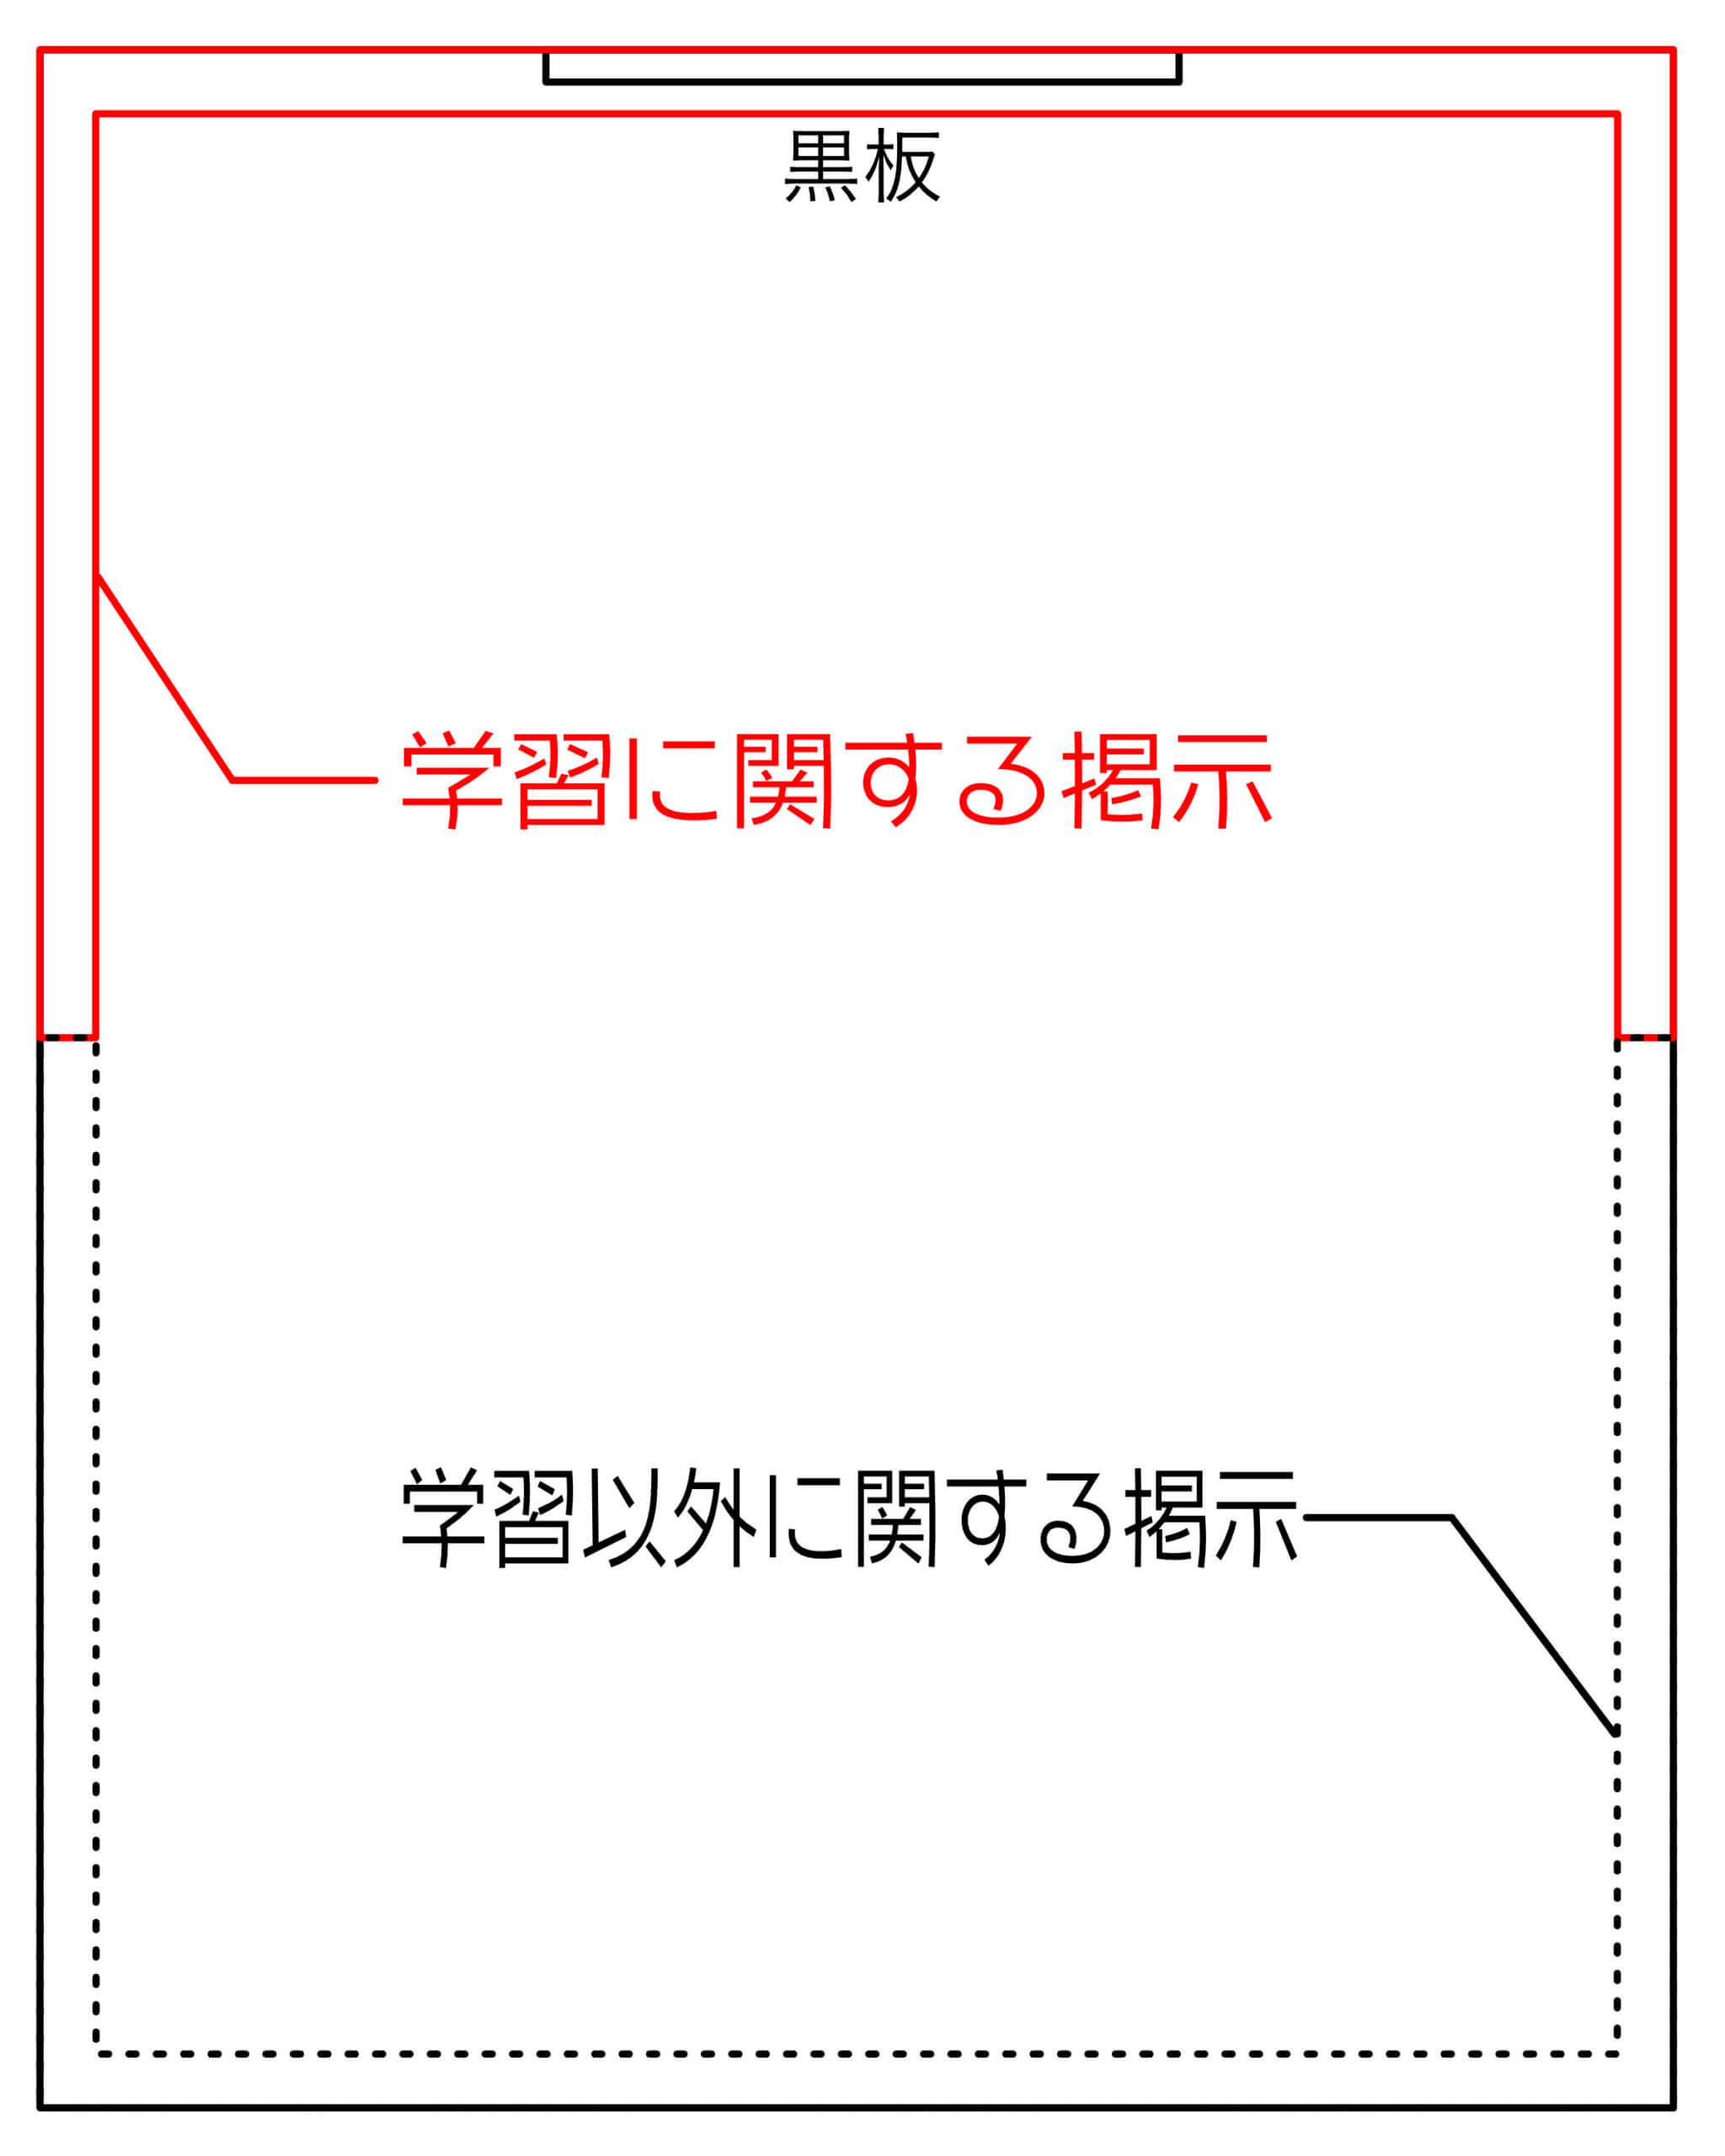 掲示物配置図